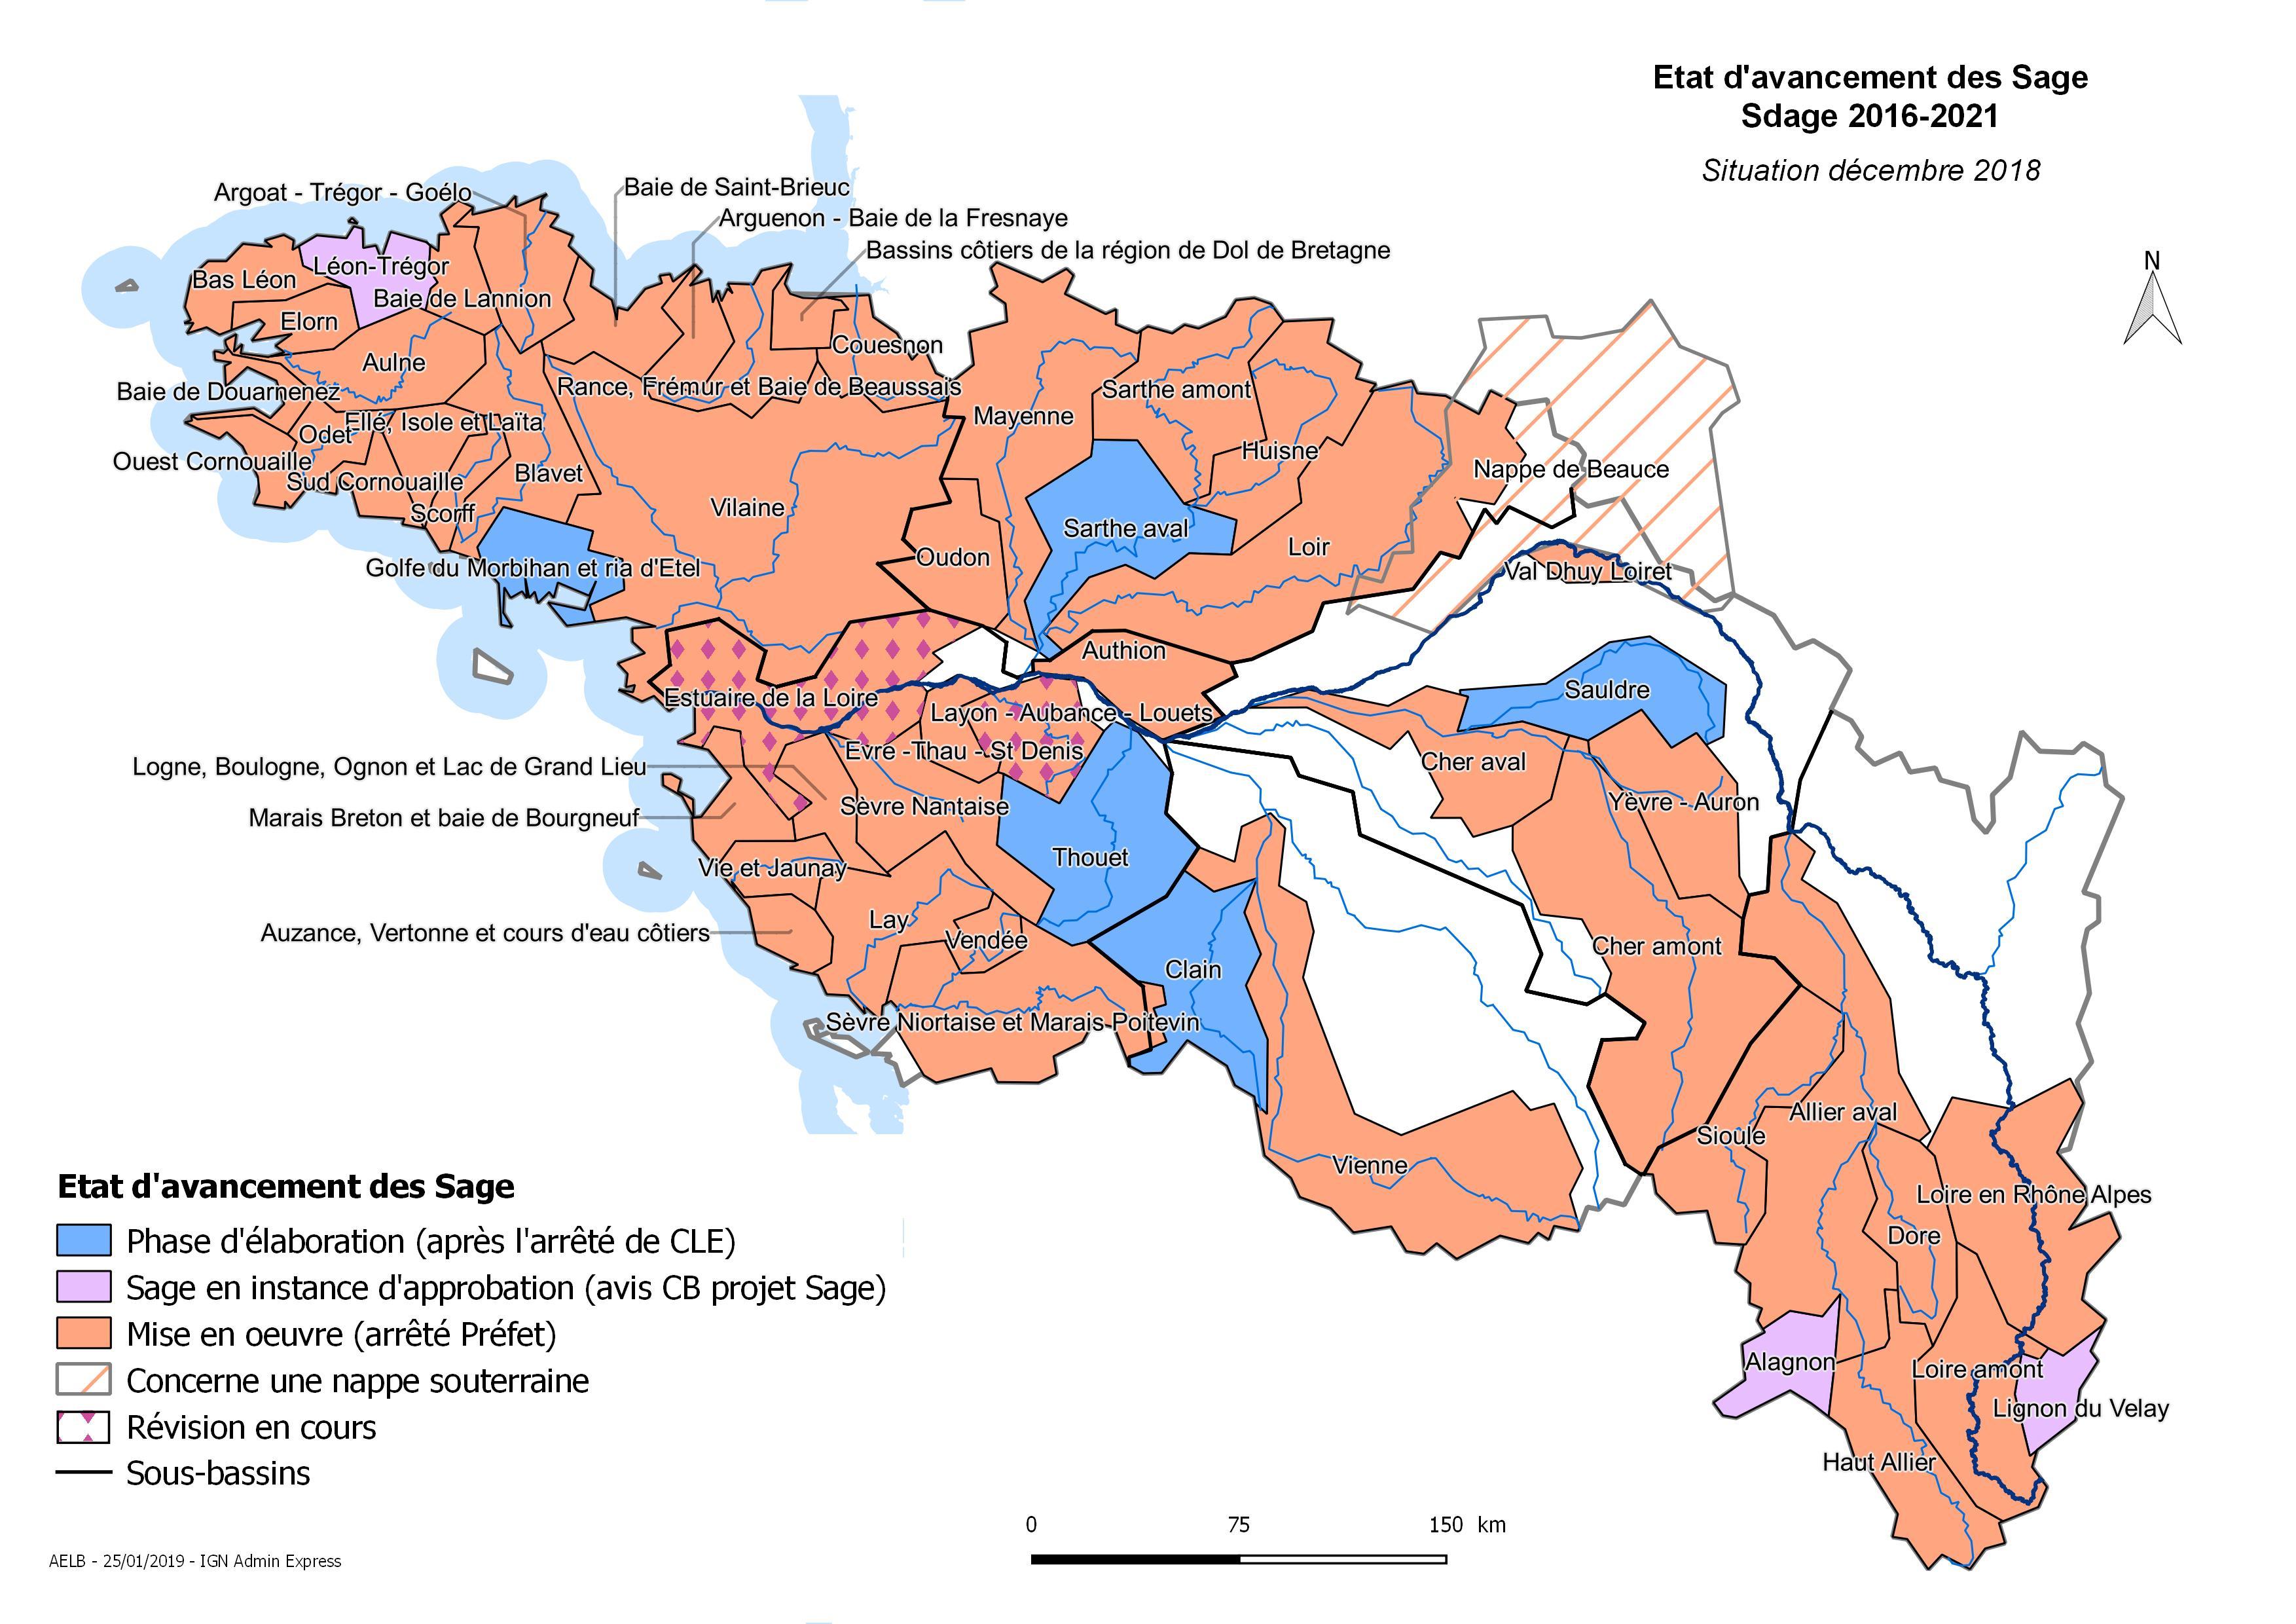 Etat d'avancement des Sage Loire-Bretagne - situation décembre 2018